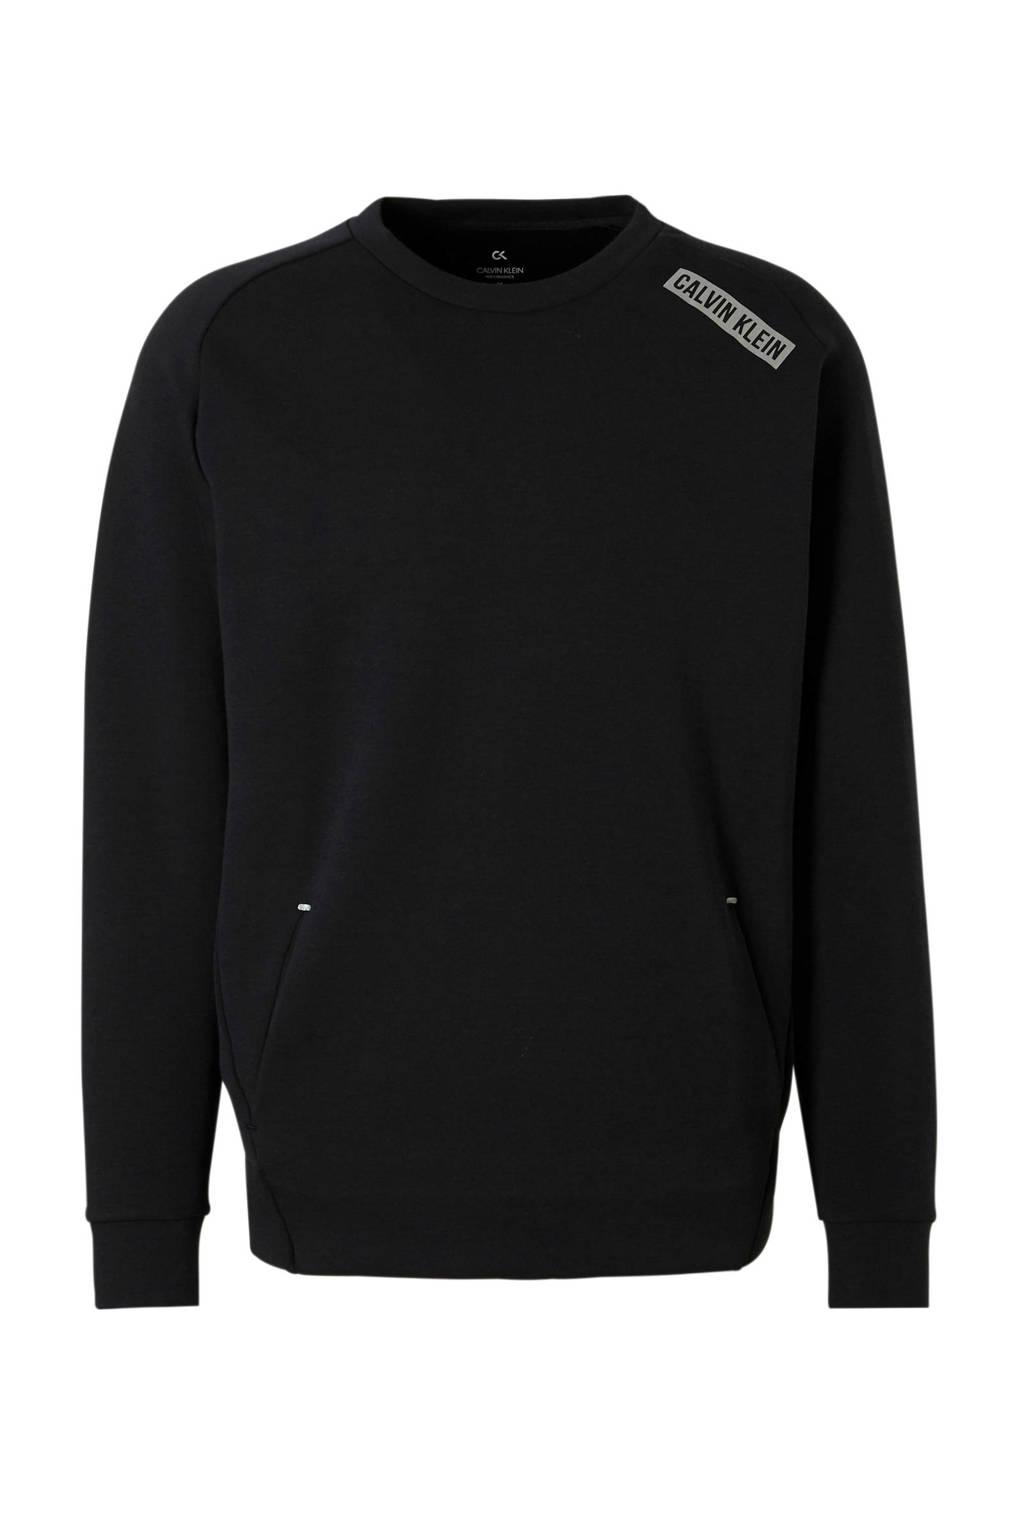 Calvin Klein Performance   sweater zwart, Zwart